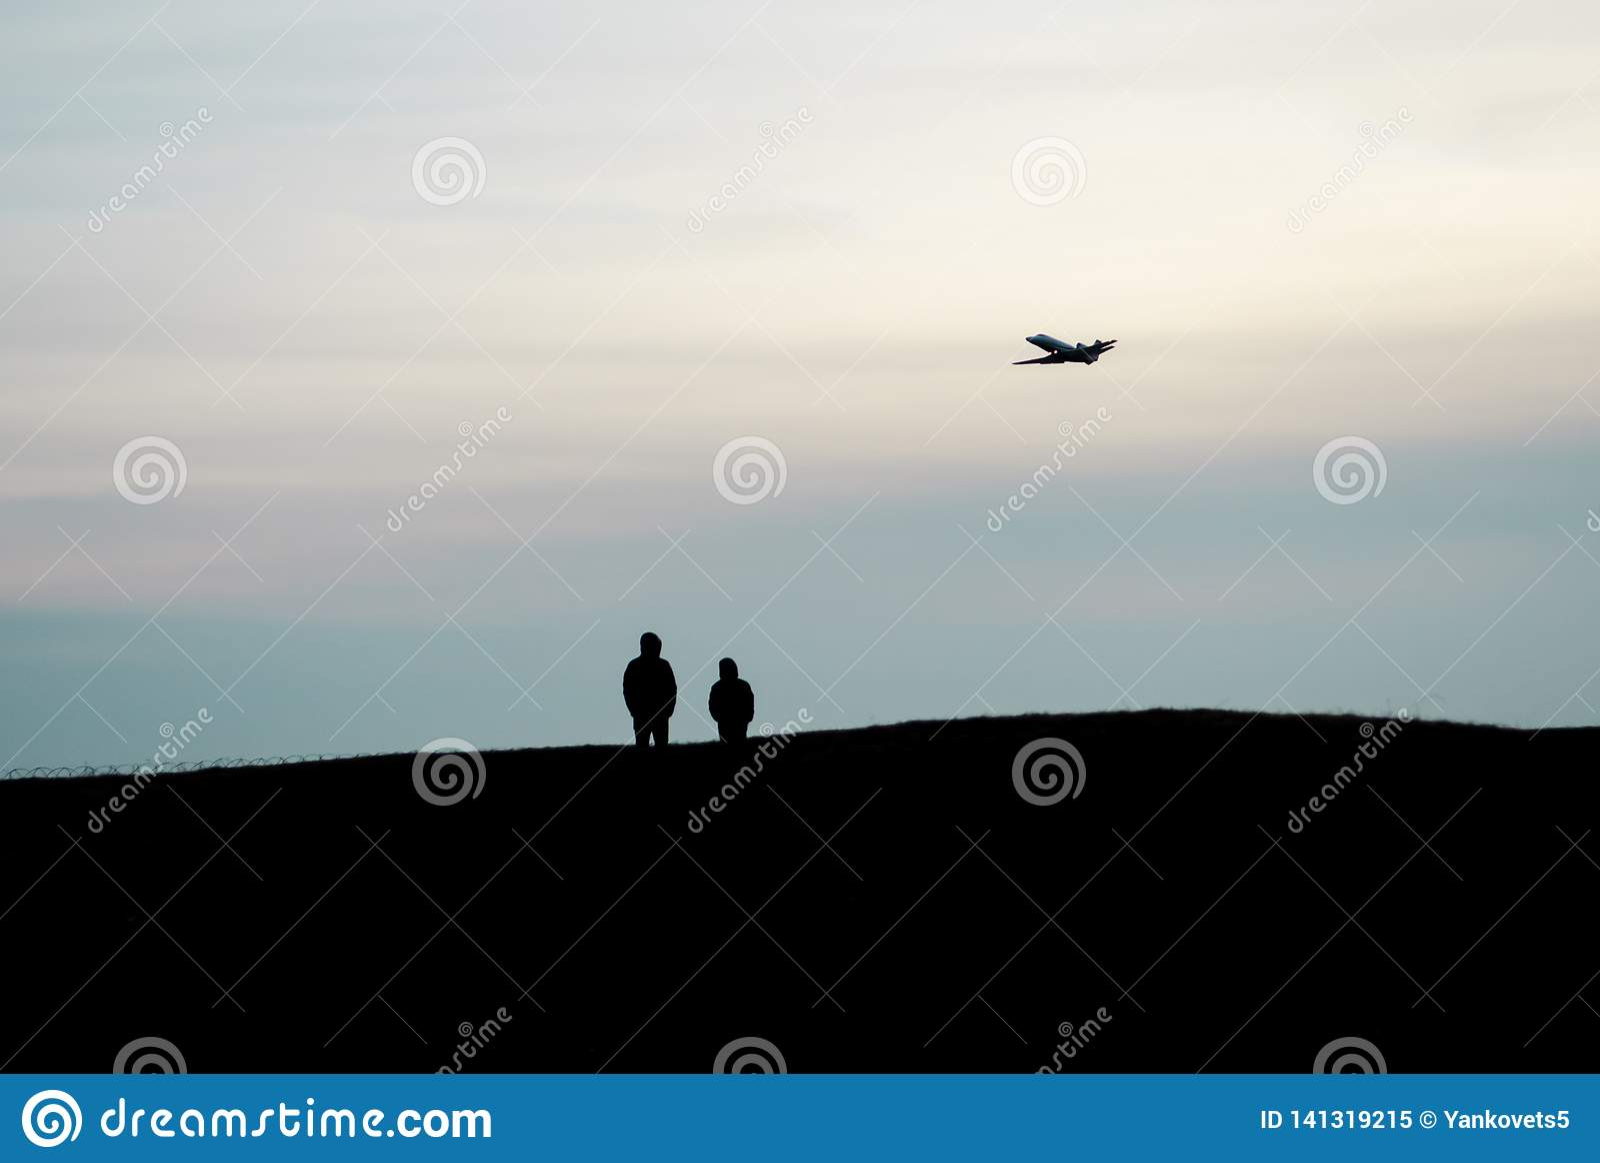 Силуэты стойки 2 людей на высоком холме и наблюдать максимум летания самолета в небе